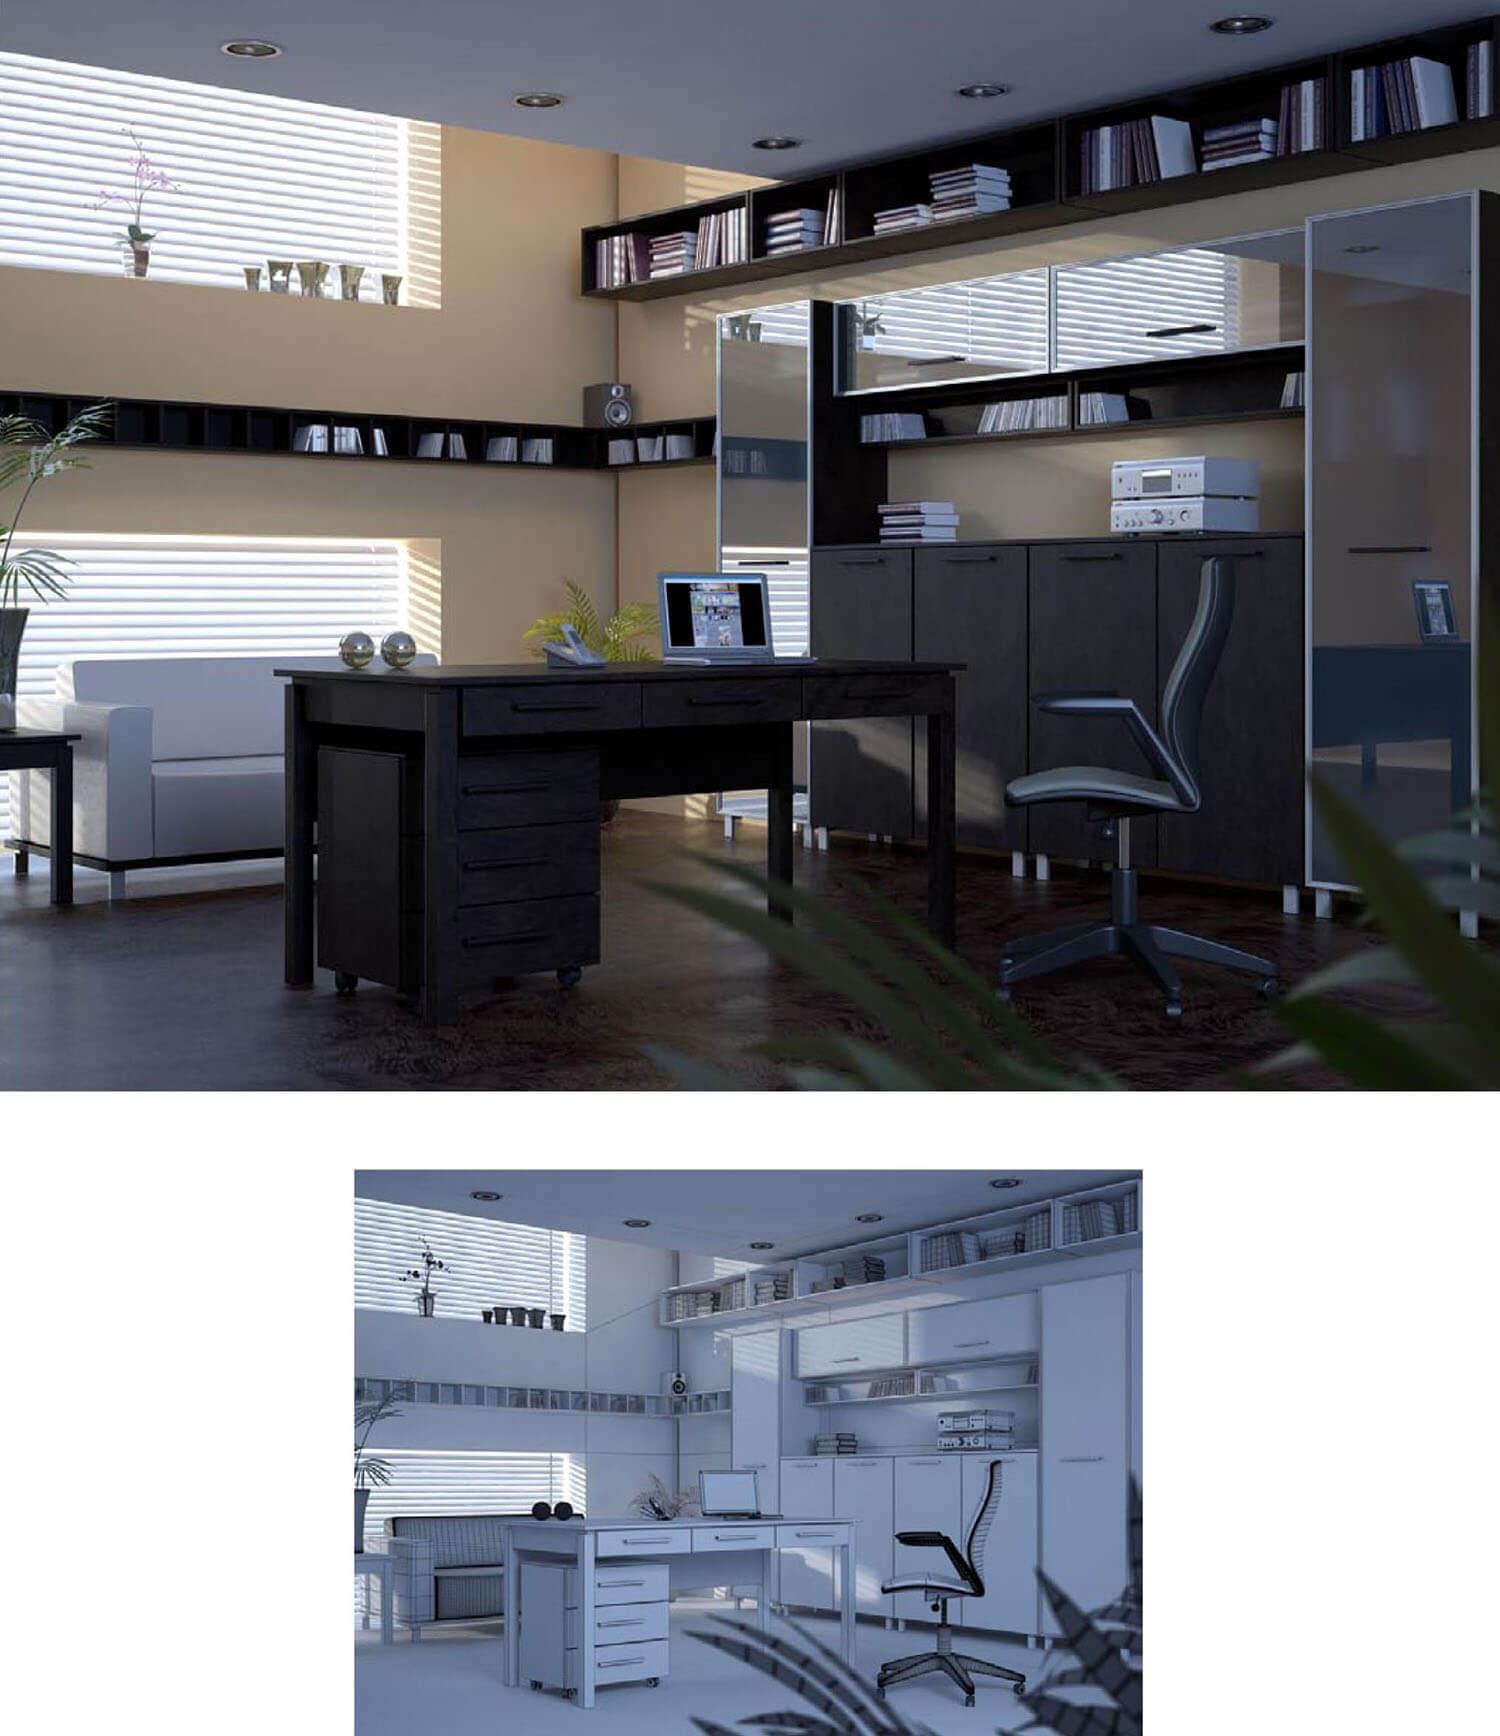 Thiết kế văn phòng làm việc tại nhà với cửa sổ lớn cùng hộc tủ gỗ ăn khớp nhau đem lại không gian làm việc khoa học